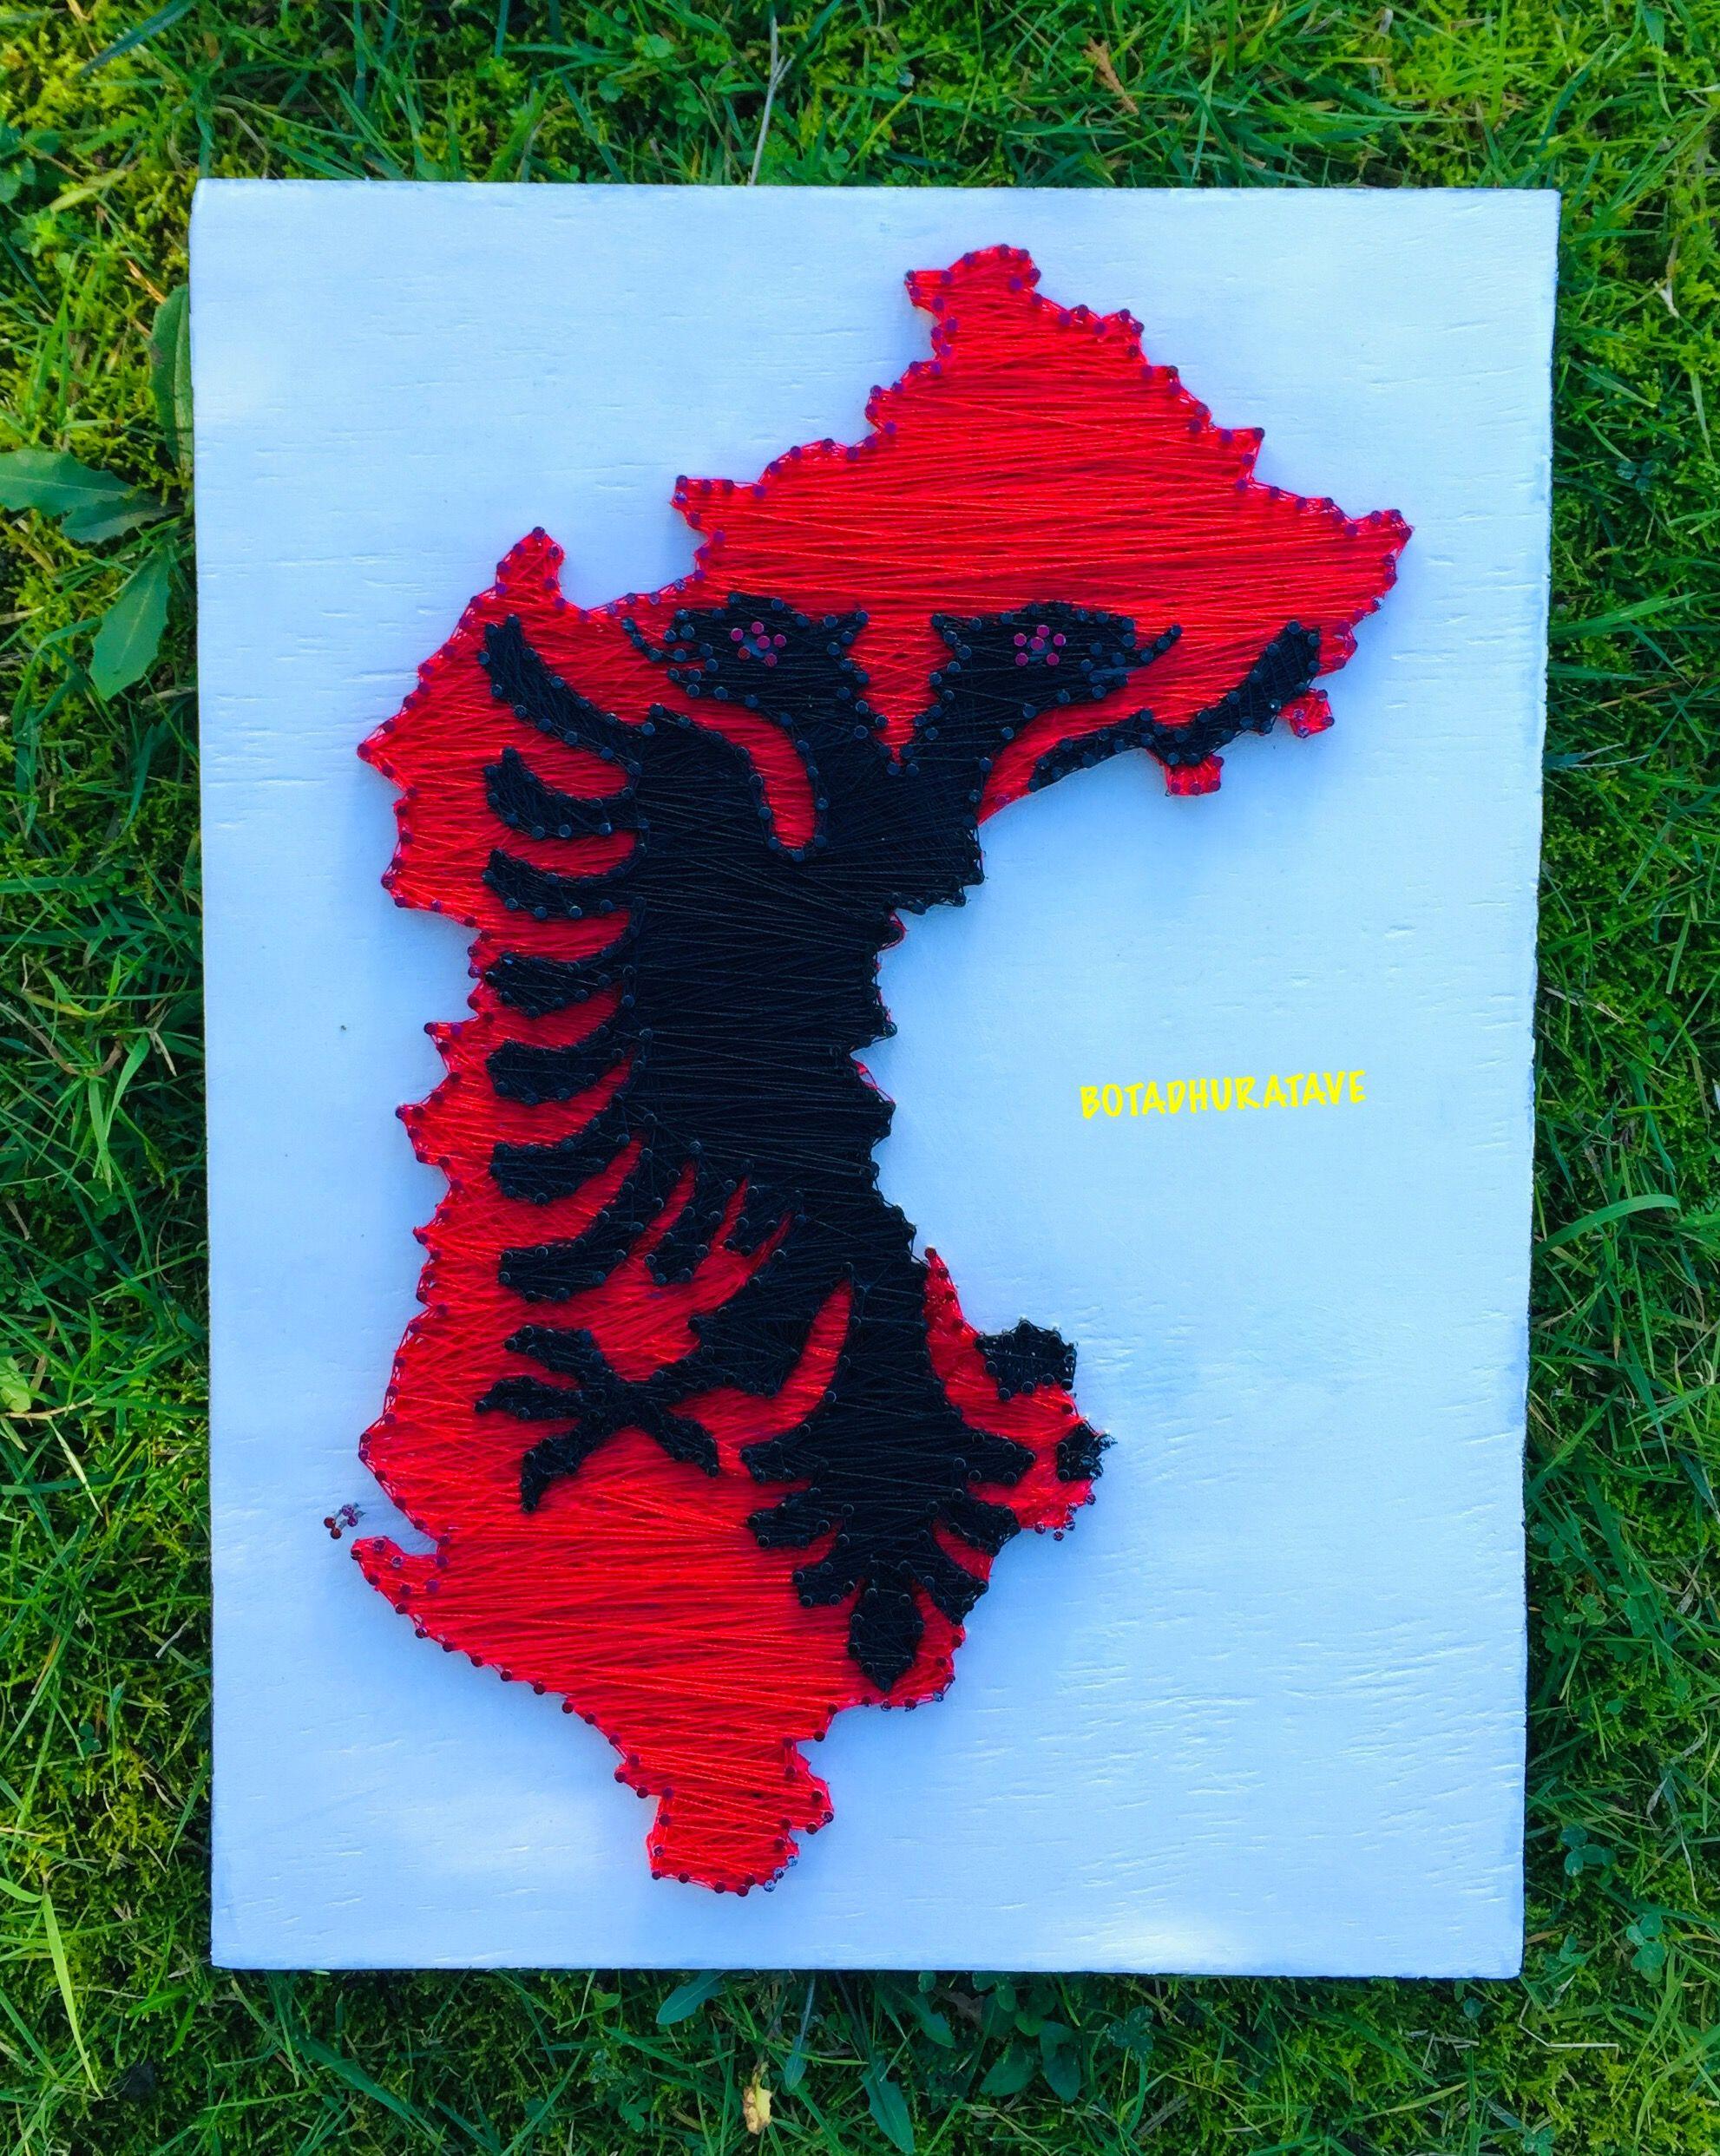 albania kosovo flag shqiperi shqiperietnike shqip